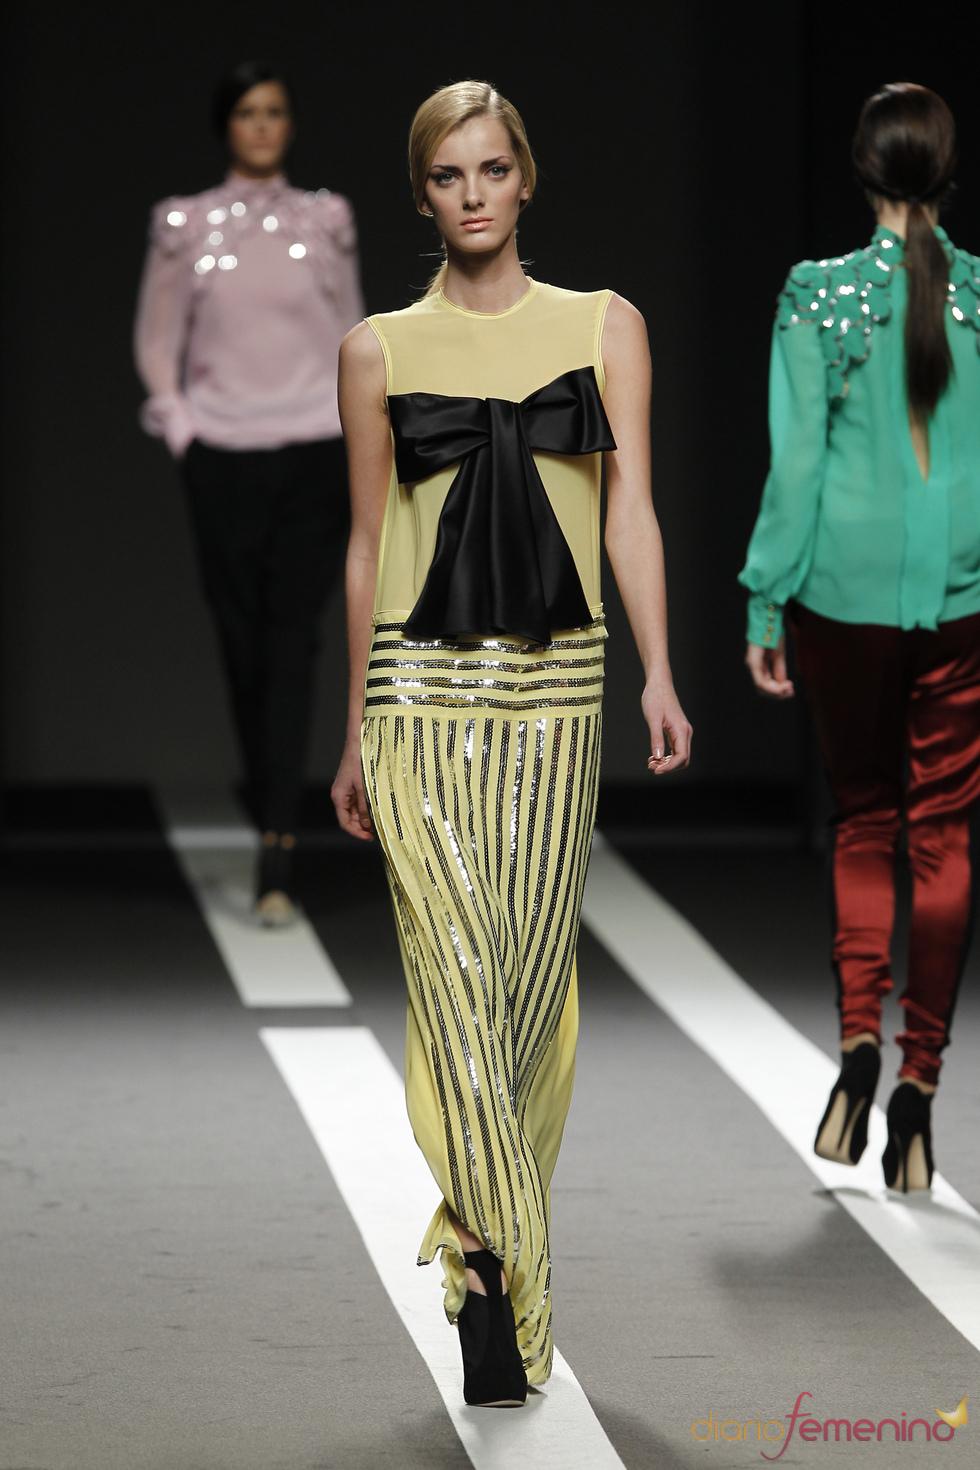 Vestido amarillo con lazo negro. Miguel Palacio. Cibeles Madrid Fashion Week 2011